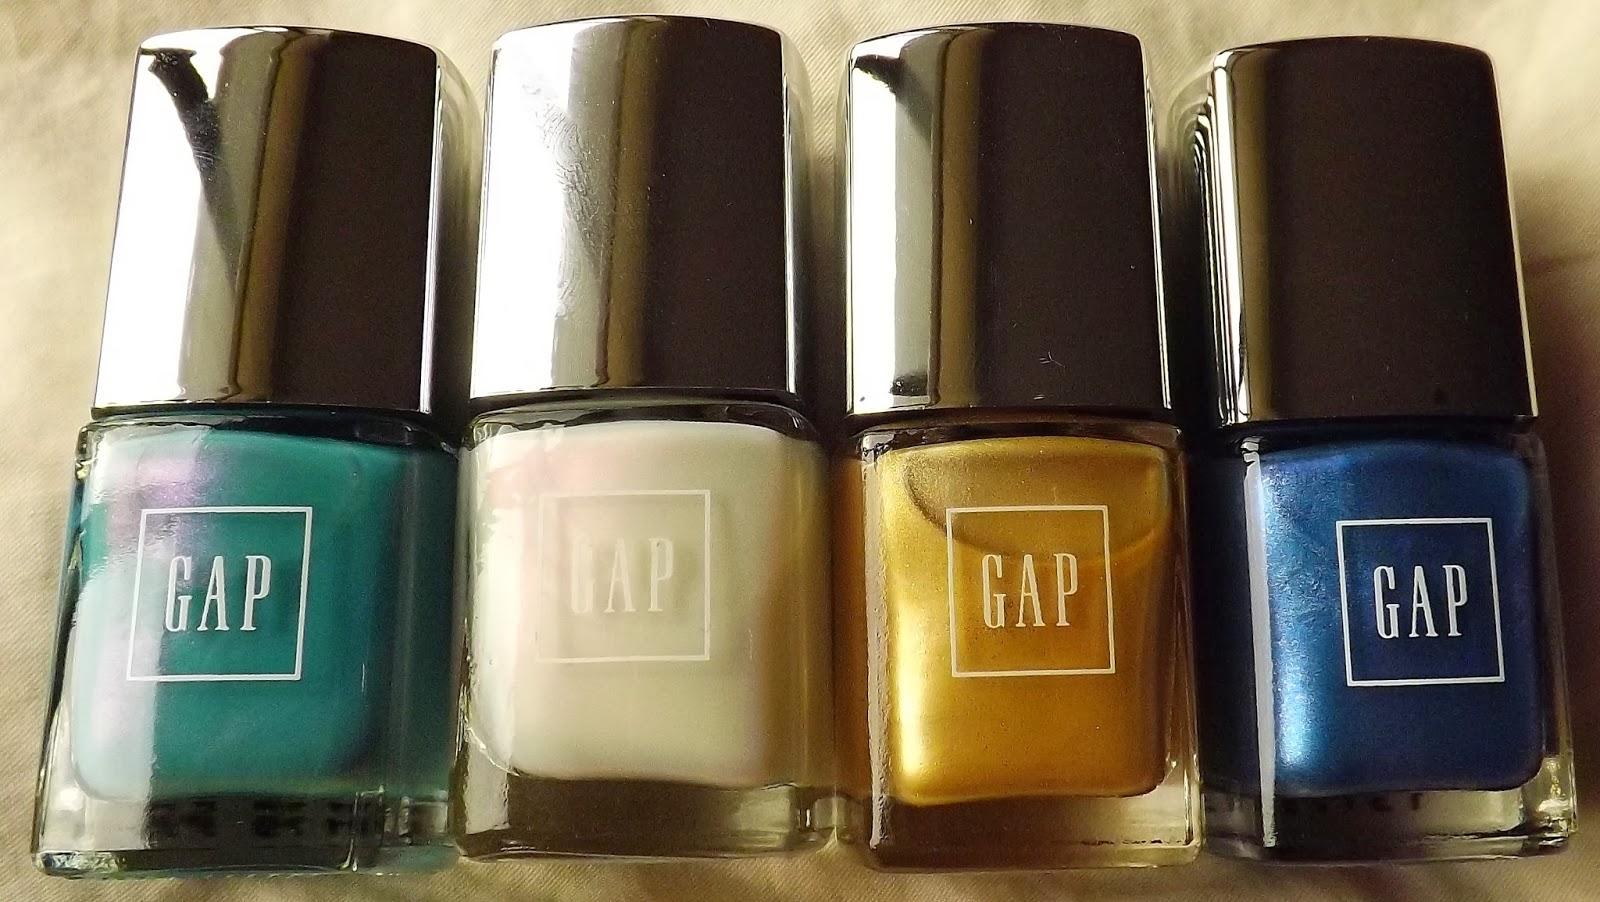 NaeSays: Gap Nail Polish Preview